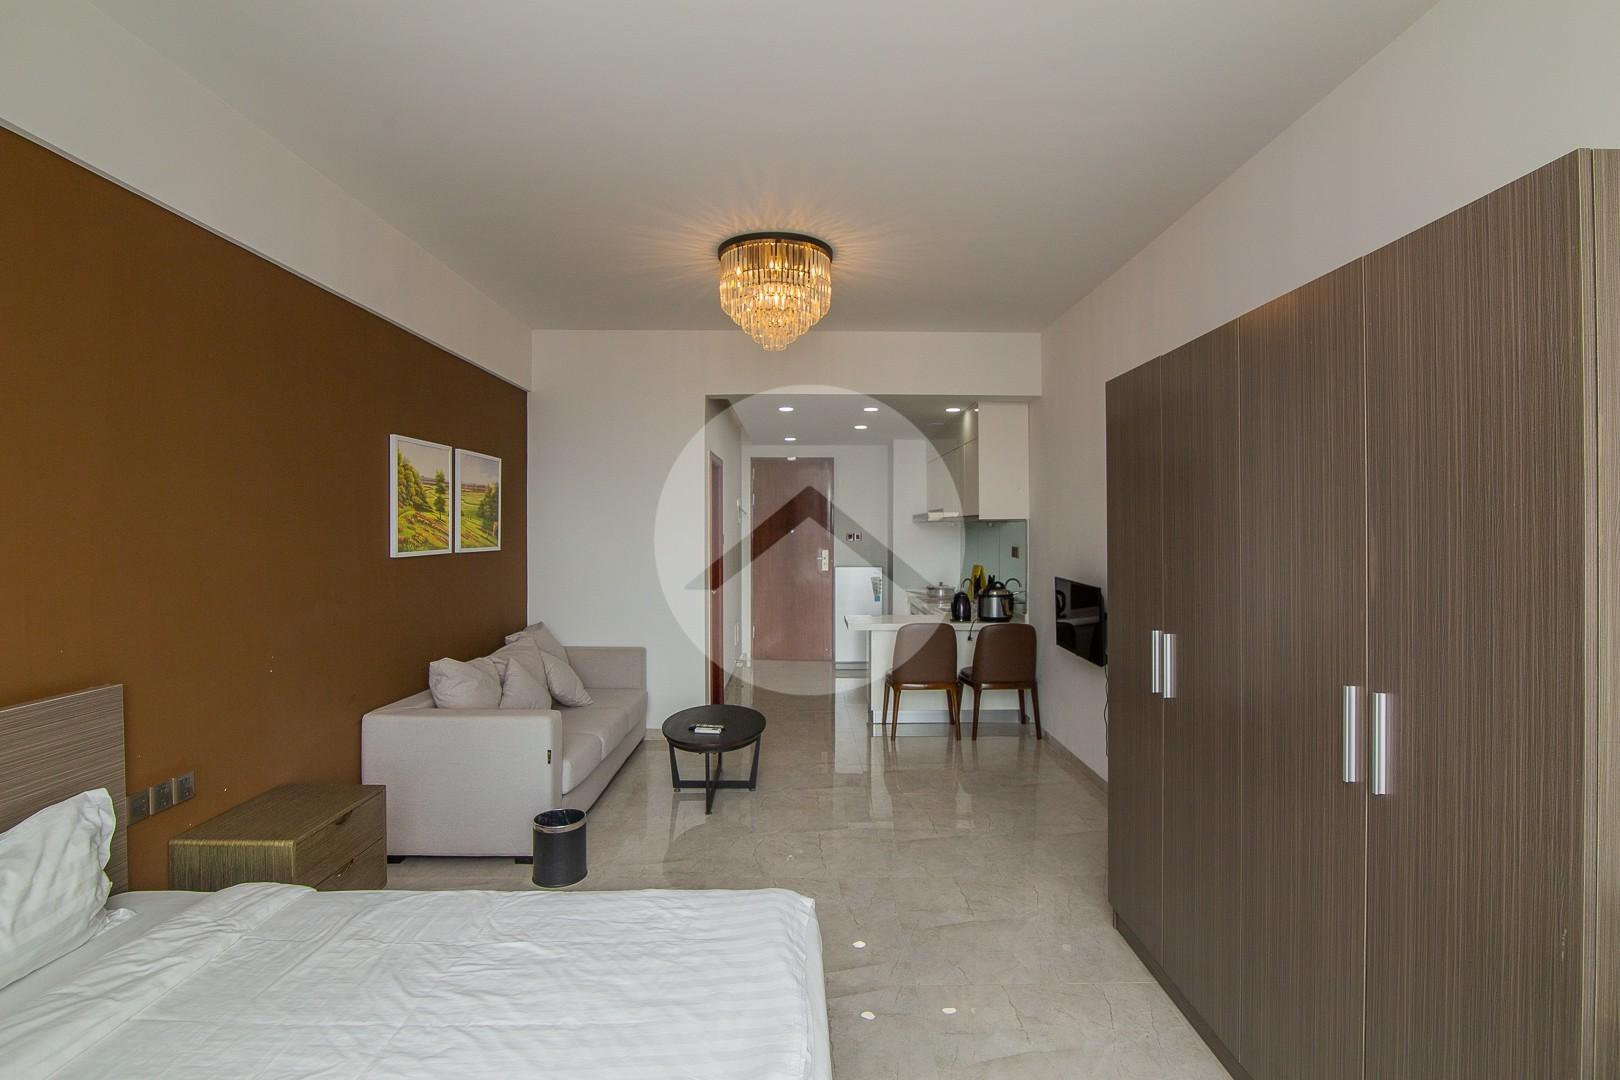 38 Sqm Studio Condo For Rent - East One, Phnom Penh